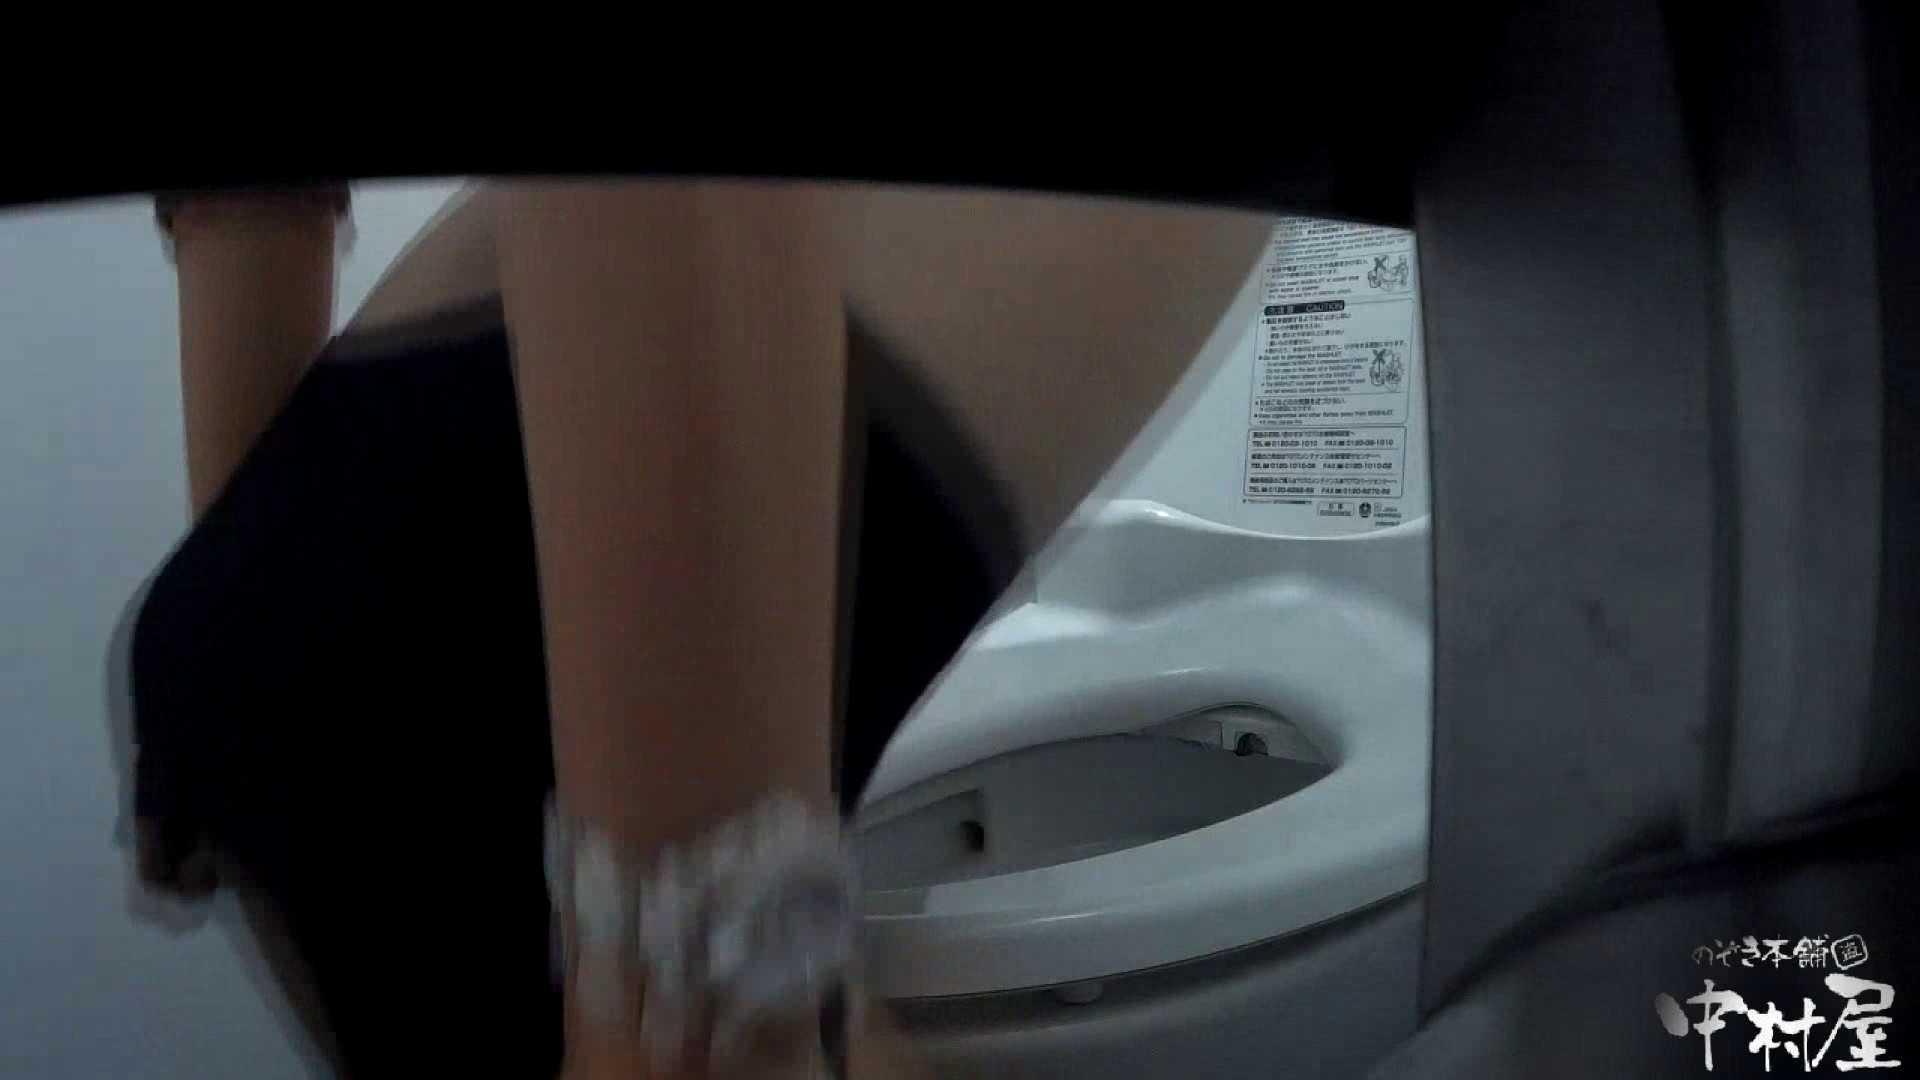 【某有名大学女性洗面所】有名大学女性洗面所 vol.43 いつみても神秘的な世界です。 和式 | 投稿  87pic 66